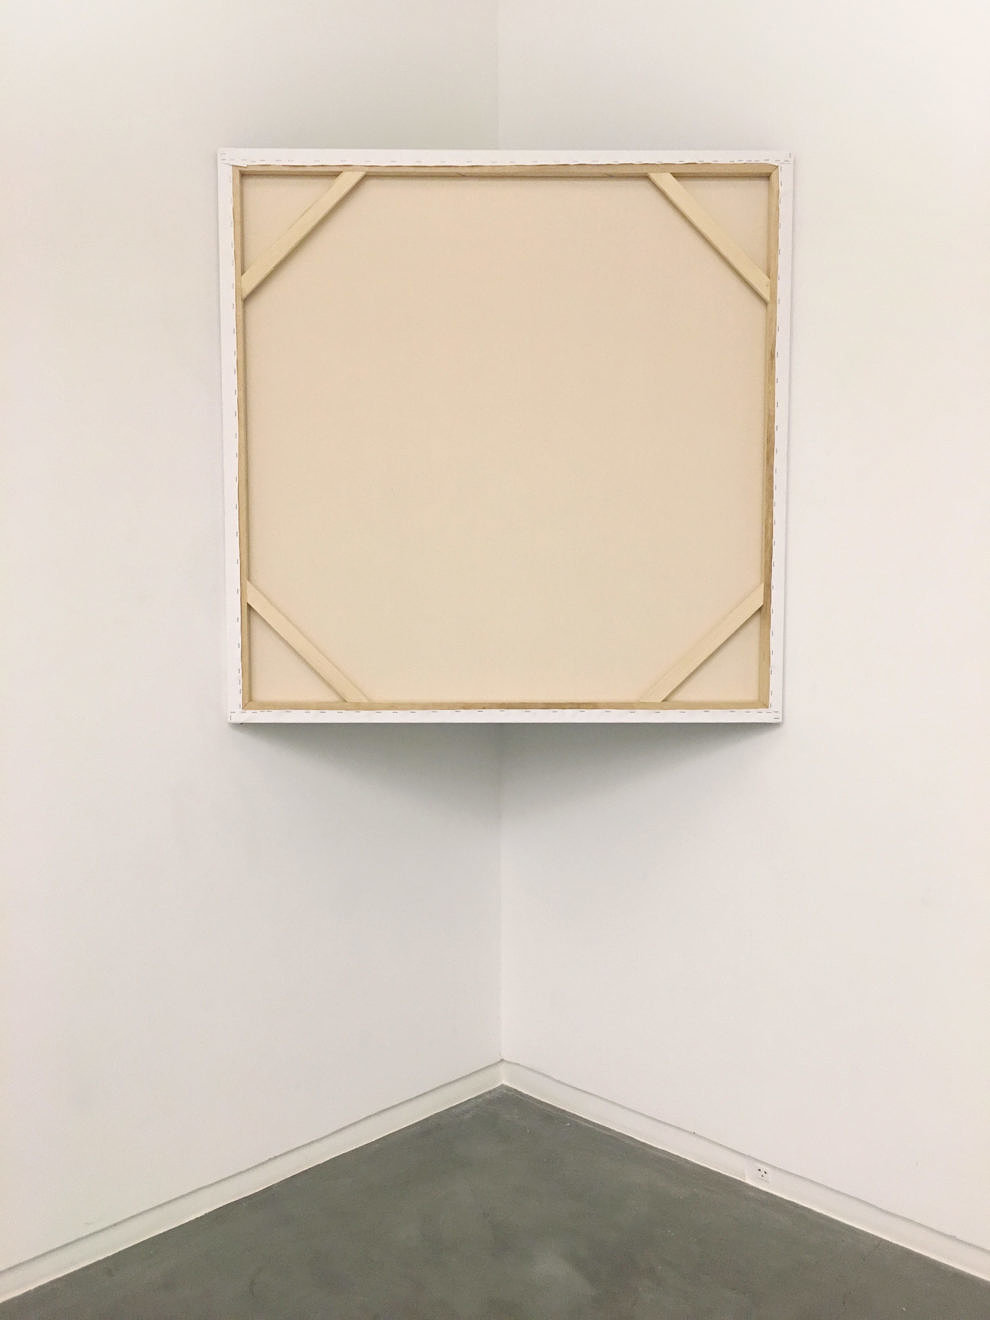 Arquivo Escuro - Mayana Redin, 2016